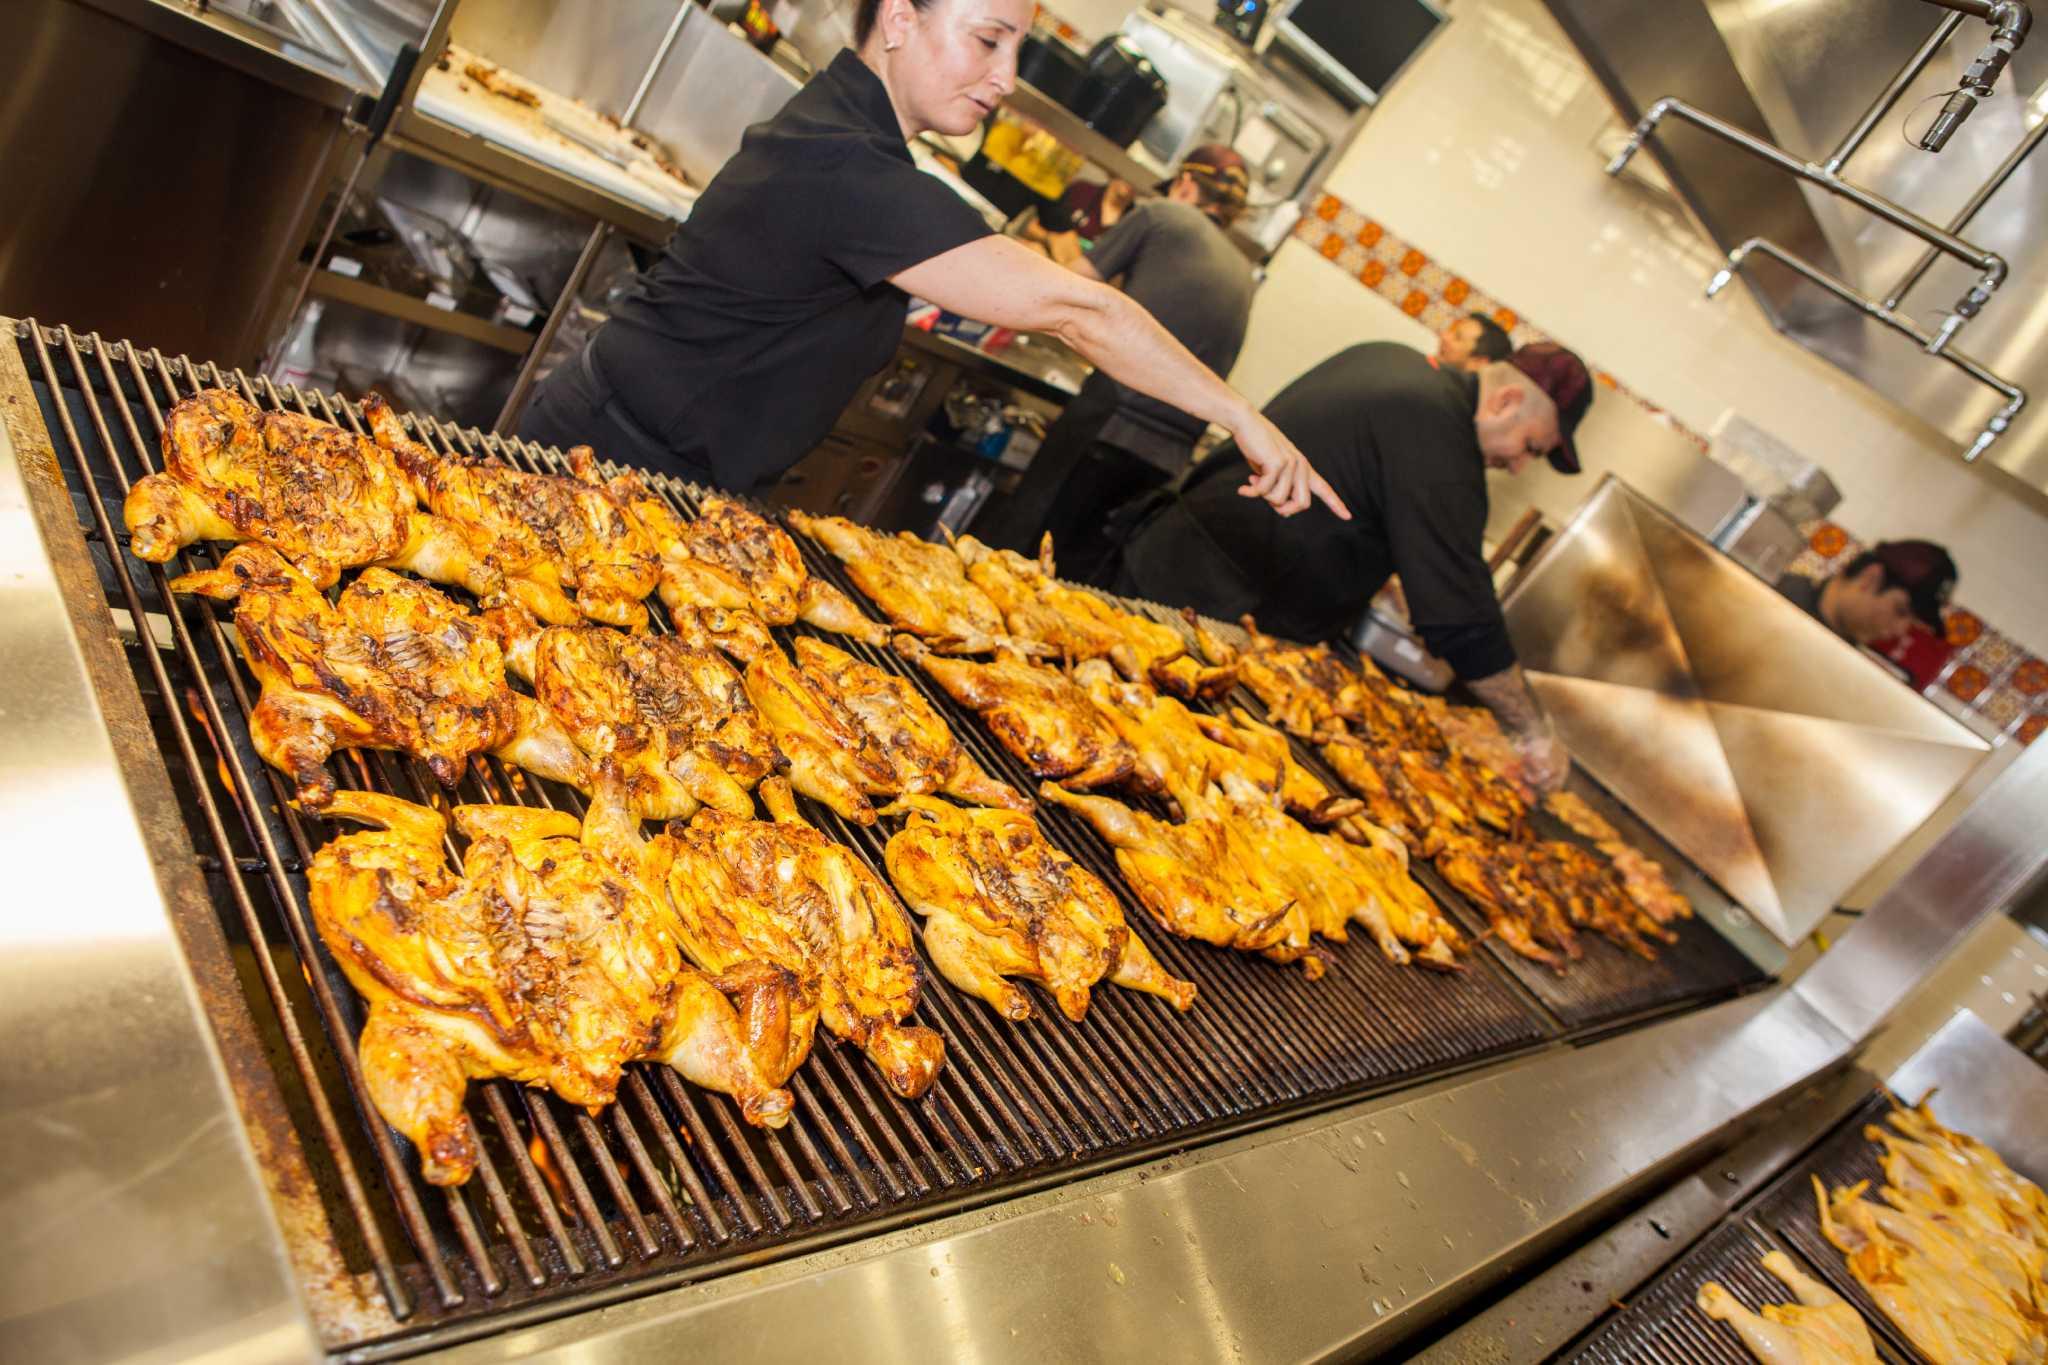 Oct 20, · El Pollo Loco, San Antonio: See 12 unbiased reviews of El Pollo Loco, rated of 5 on TripAdvisor and ranked #3, of 4, restaurants in San Antonio/5(11).